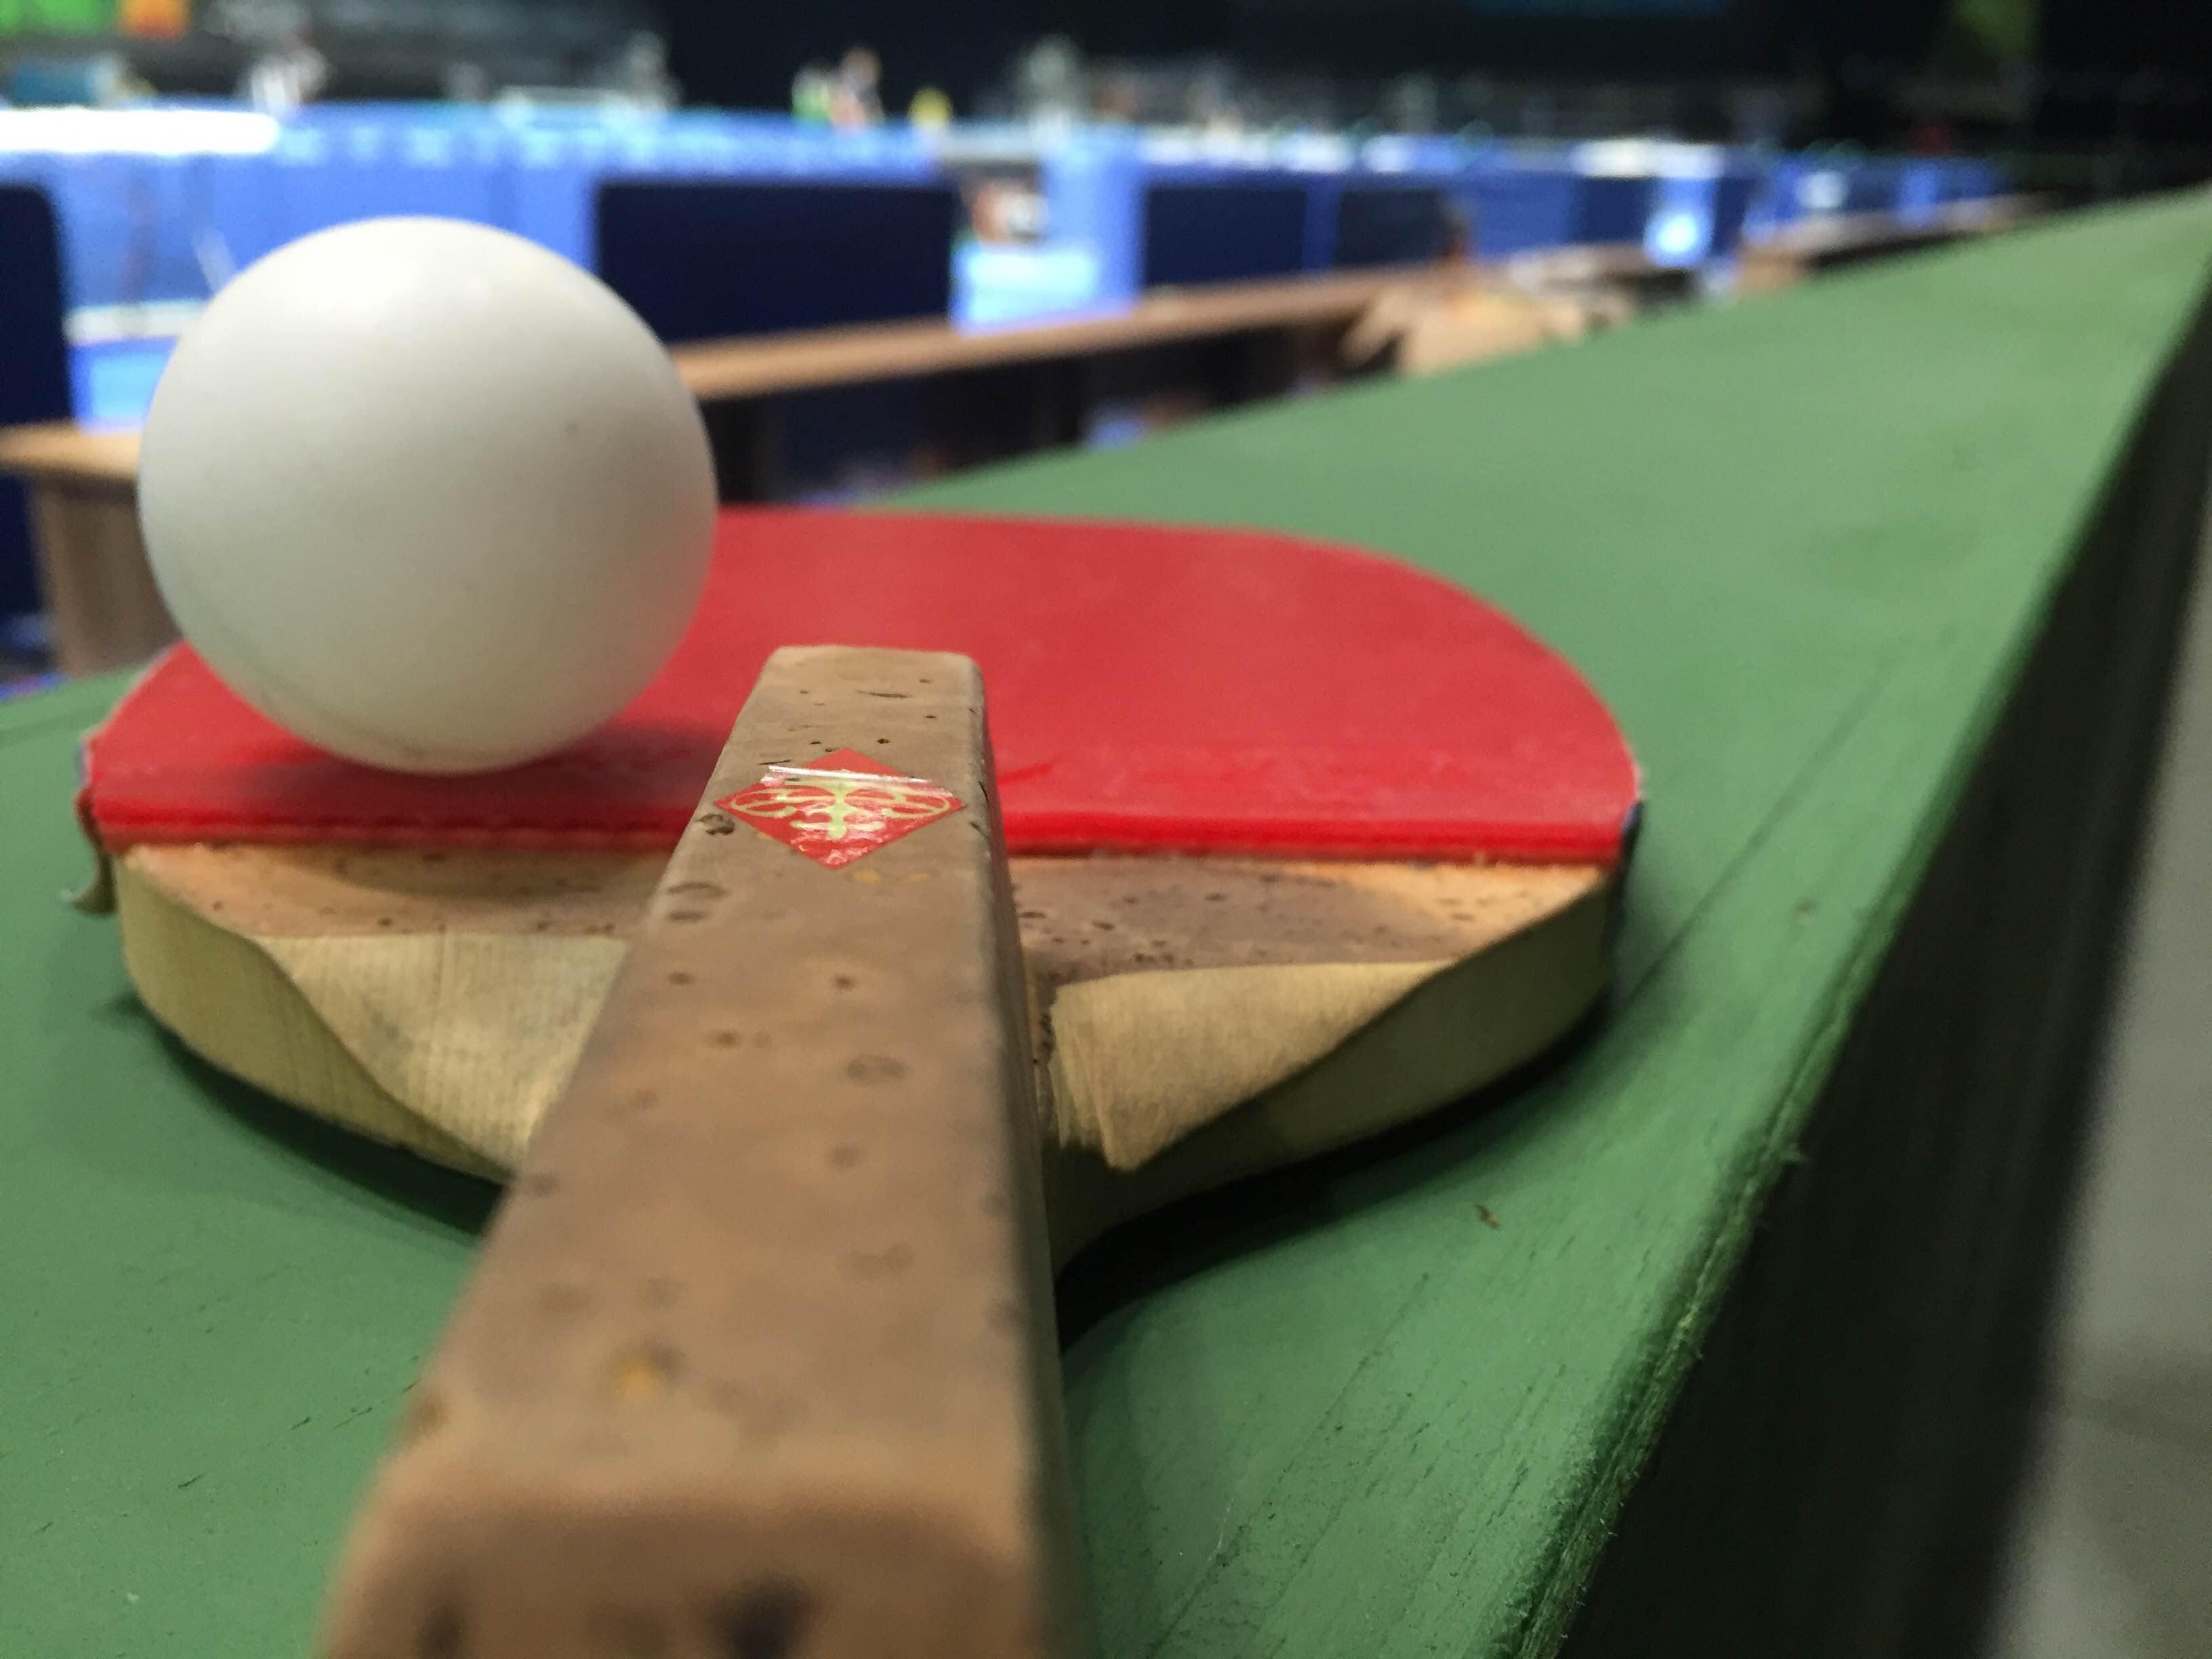 ea023ea310 Antidoping de raquete